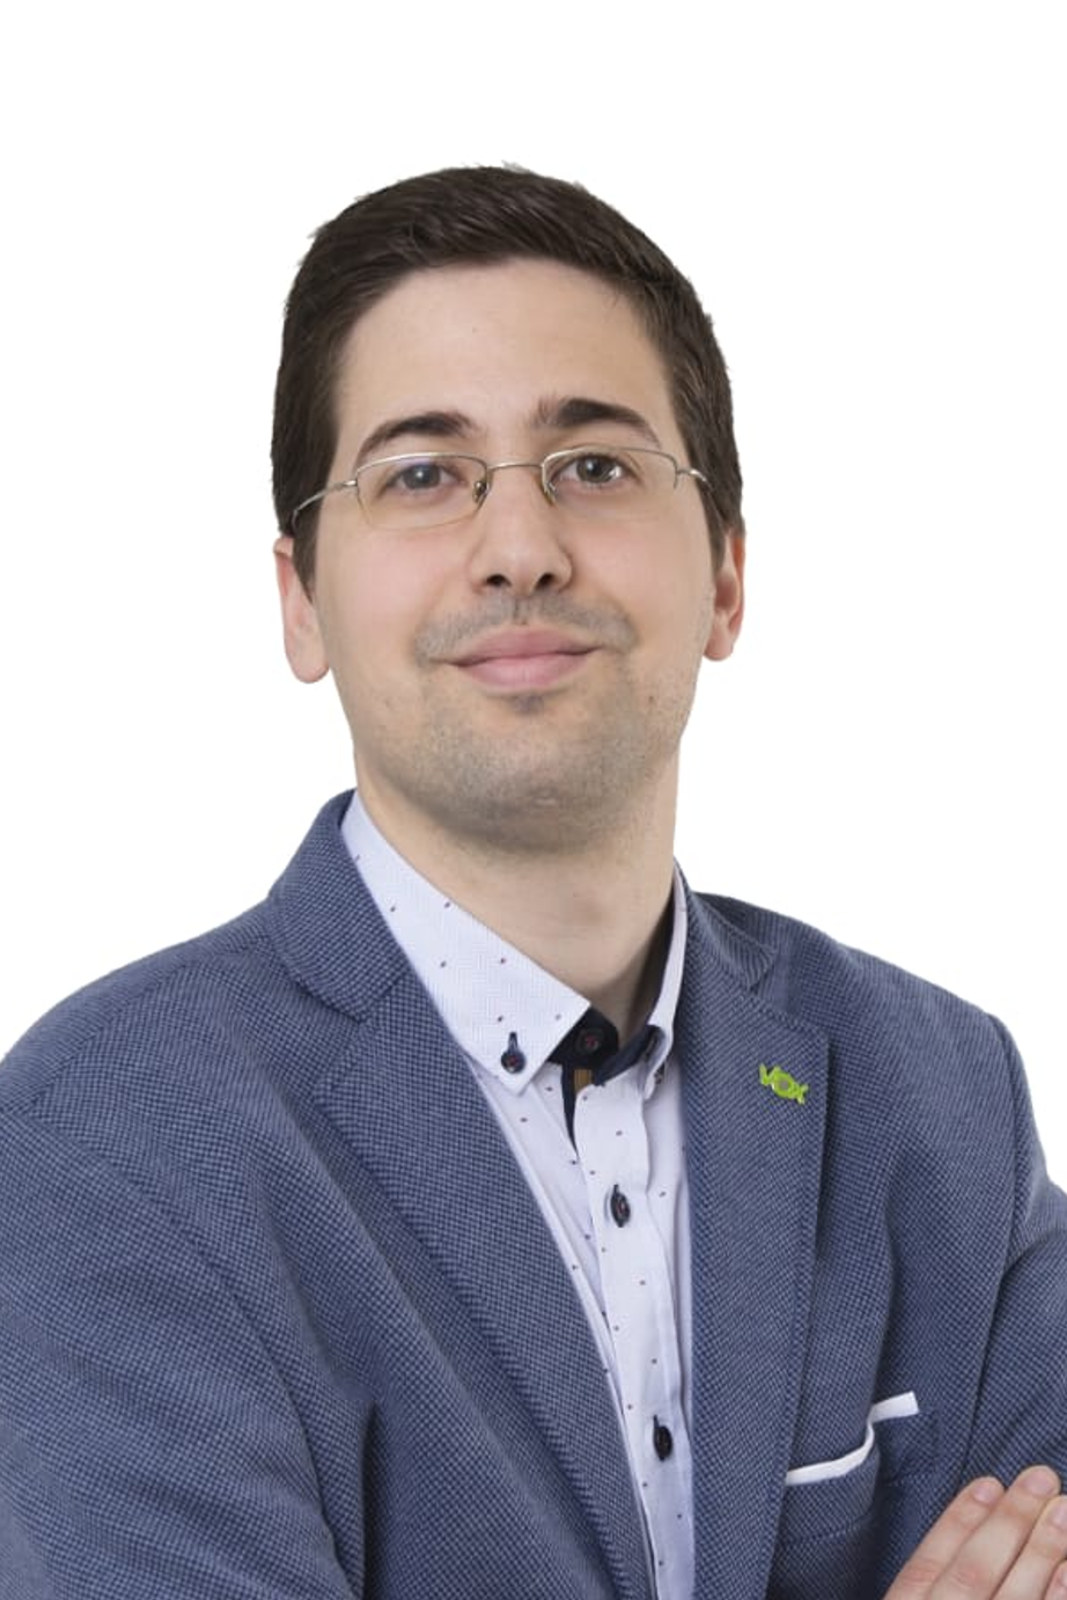 Álvaro Cutillas Jiménez